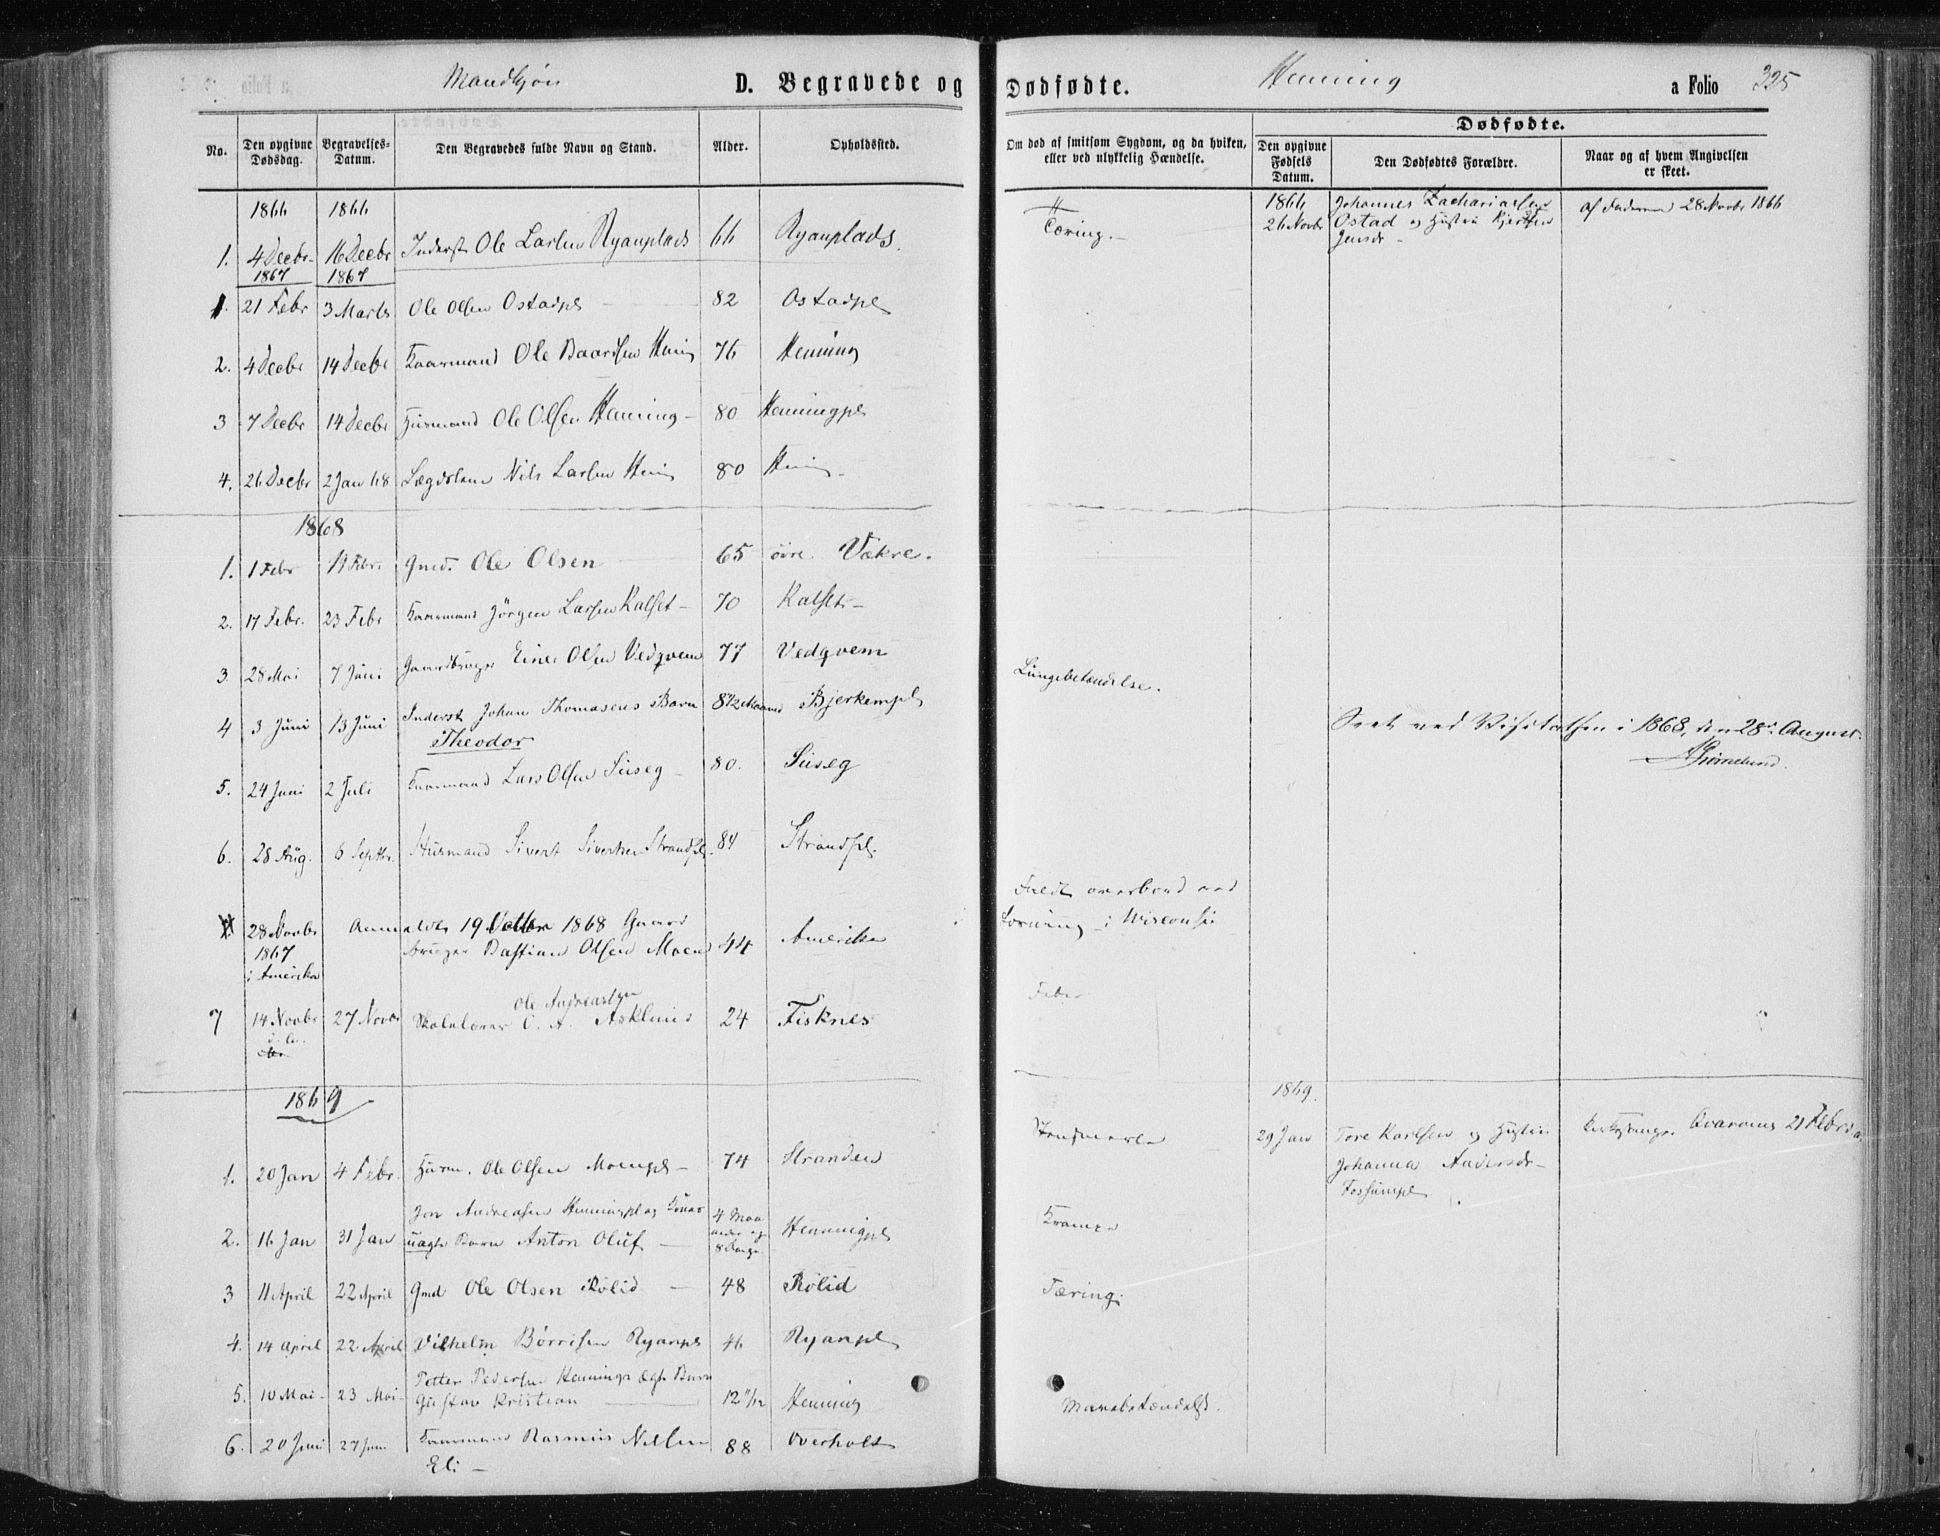 SAT, Ministerialprotokoller, klokkerbøker og fødselsregistre - Nord-Trøndelag, 735/L0345: Ministerialbok nr. 735A08 /3, 1863-1872, s. 325